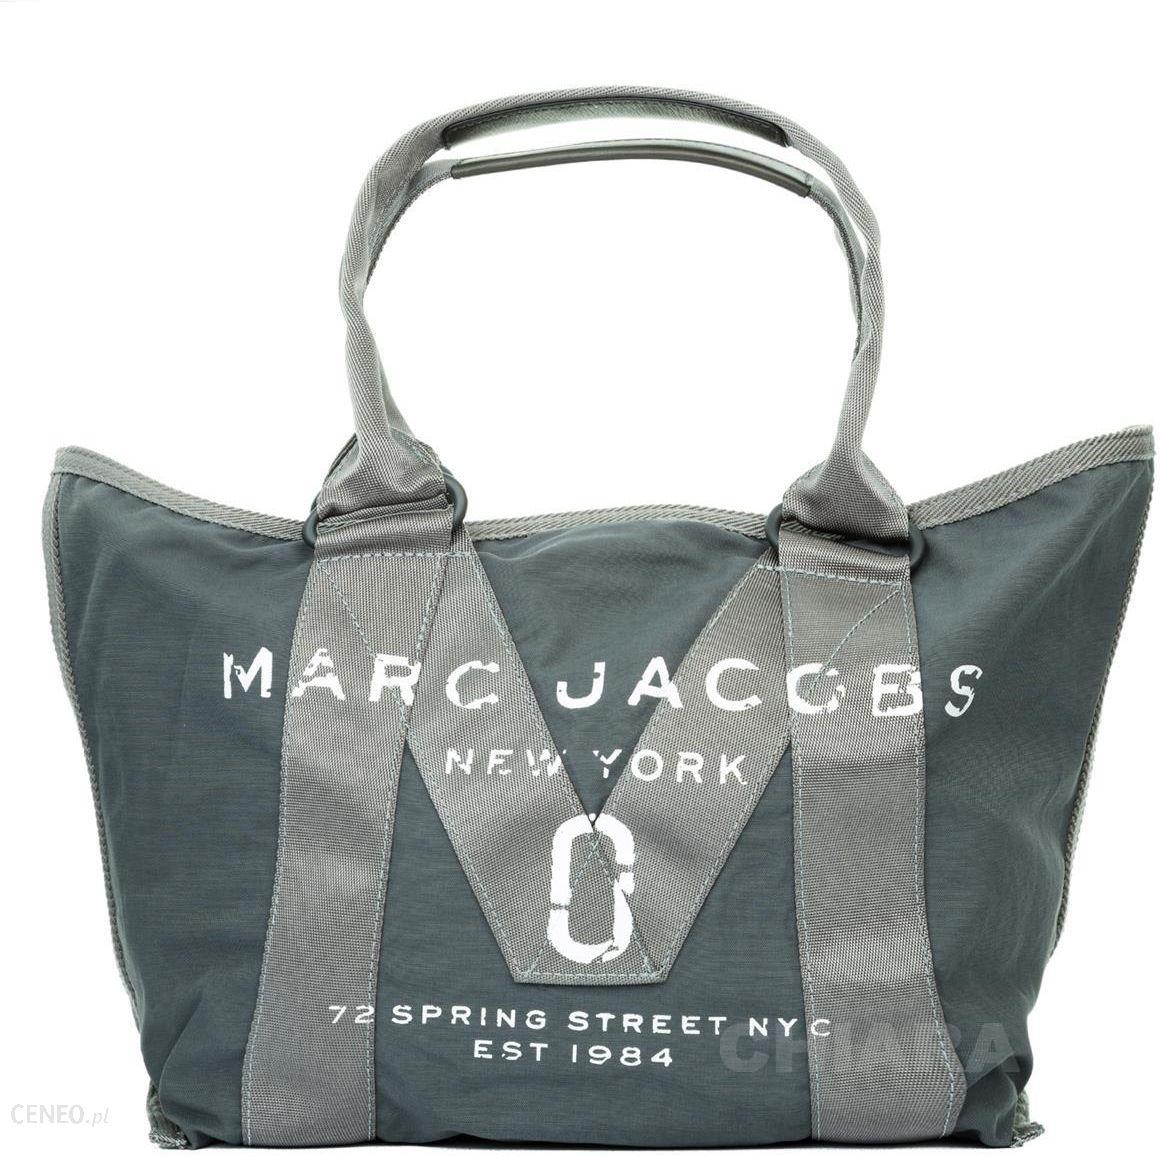 6ed09f0bd09c8 TORBA Marc Jacobs NEW LOGO - Ceny i opinie - Ceneo.pl